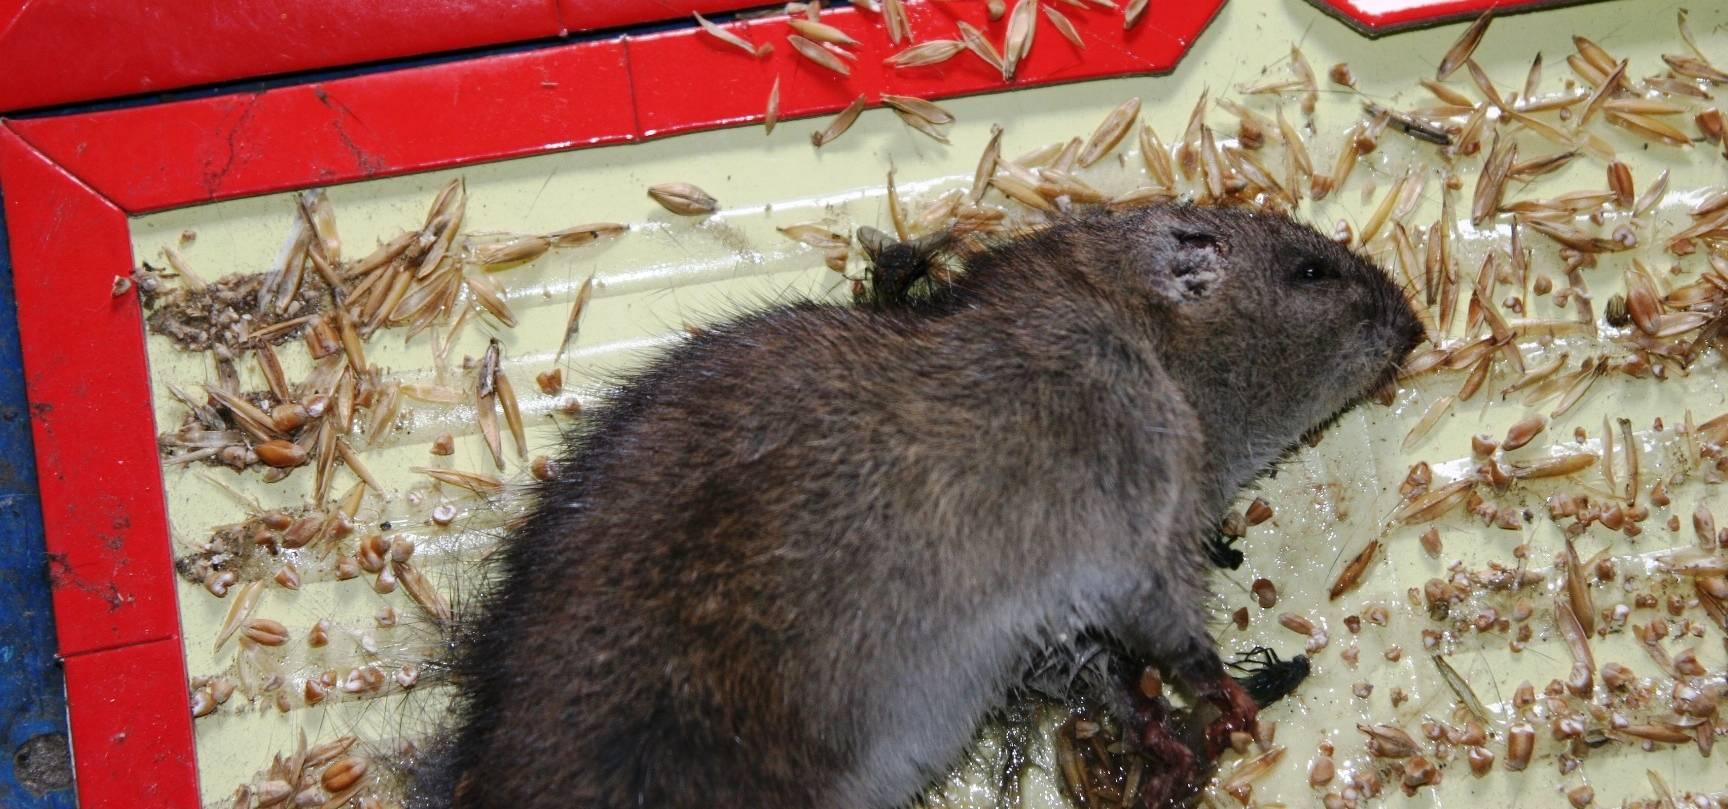 Лучшие приманки для крыс и мышей: что эти грызуны любят больше всего?